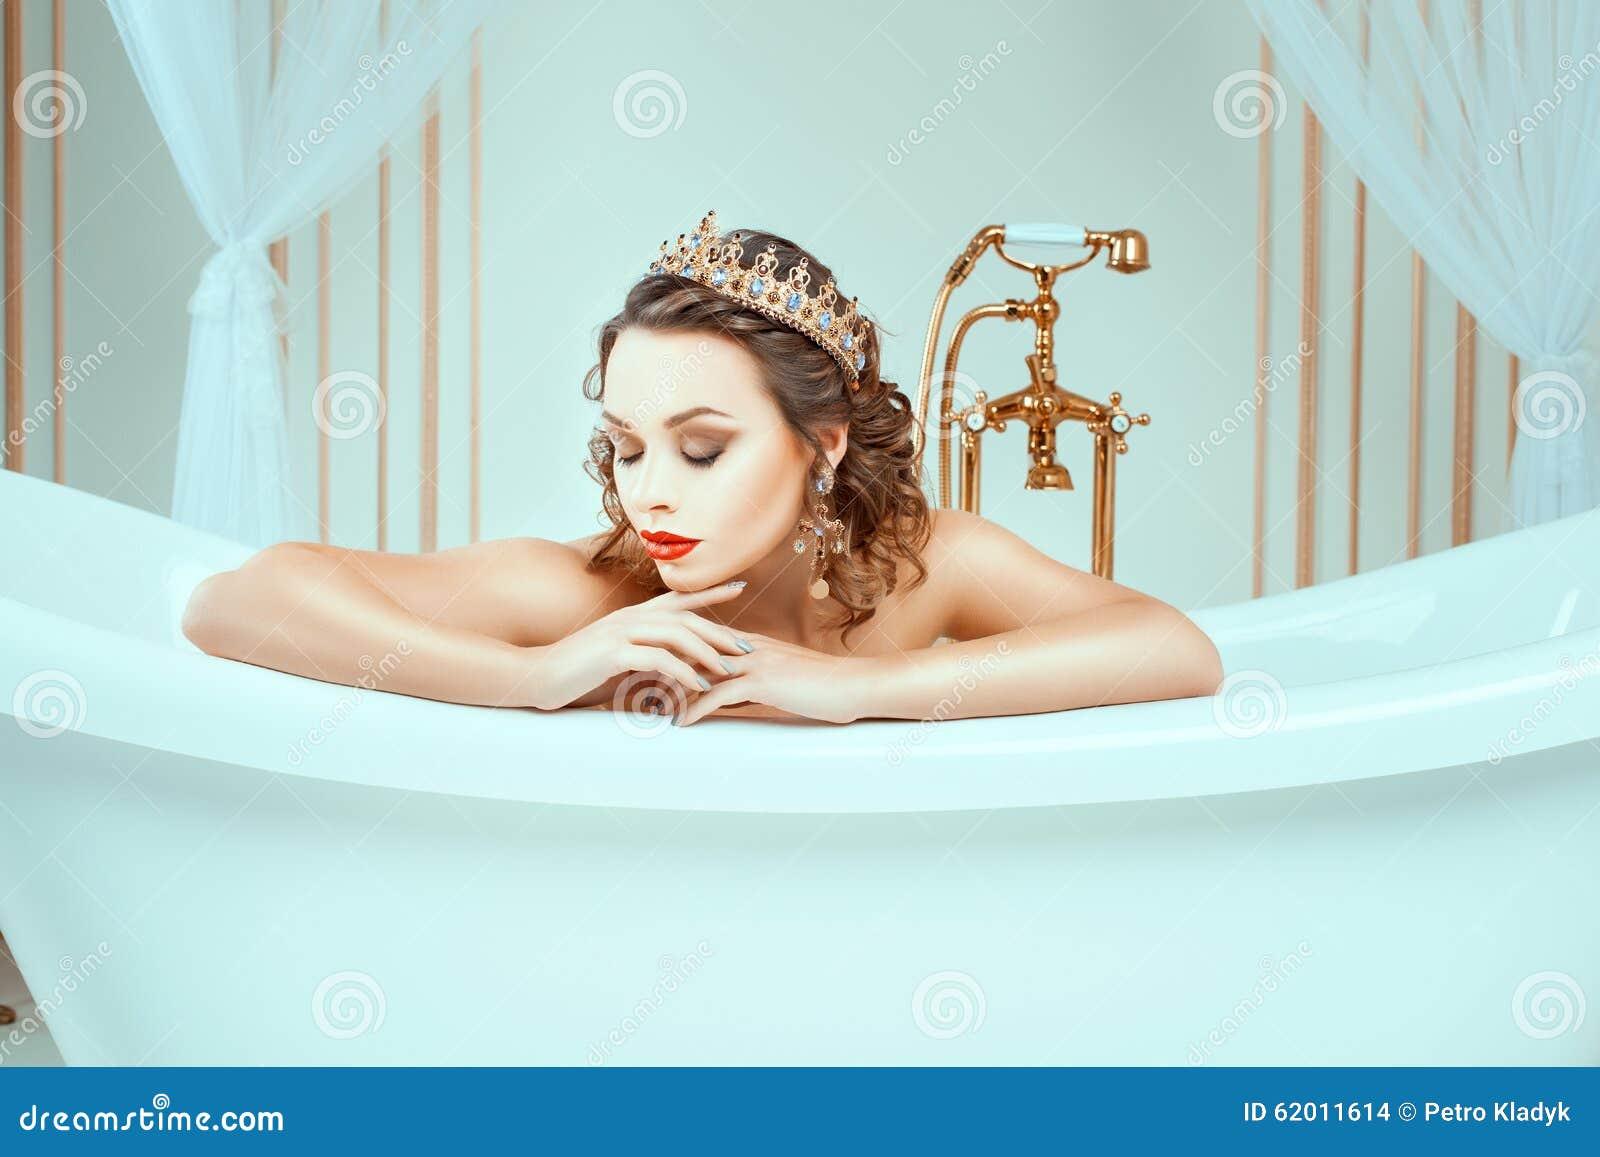 woman sitting on bath www